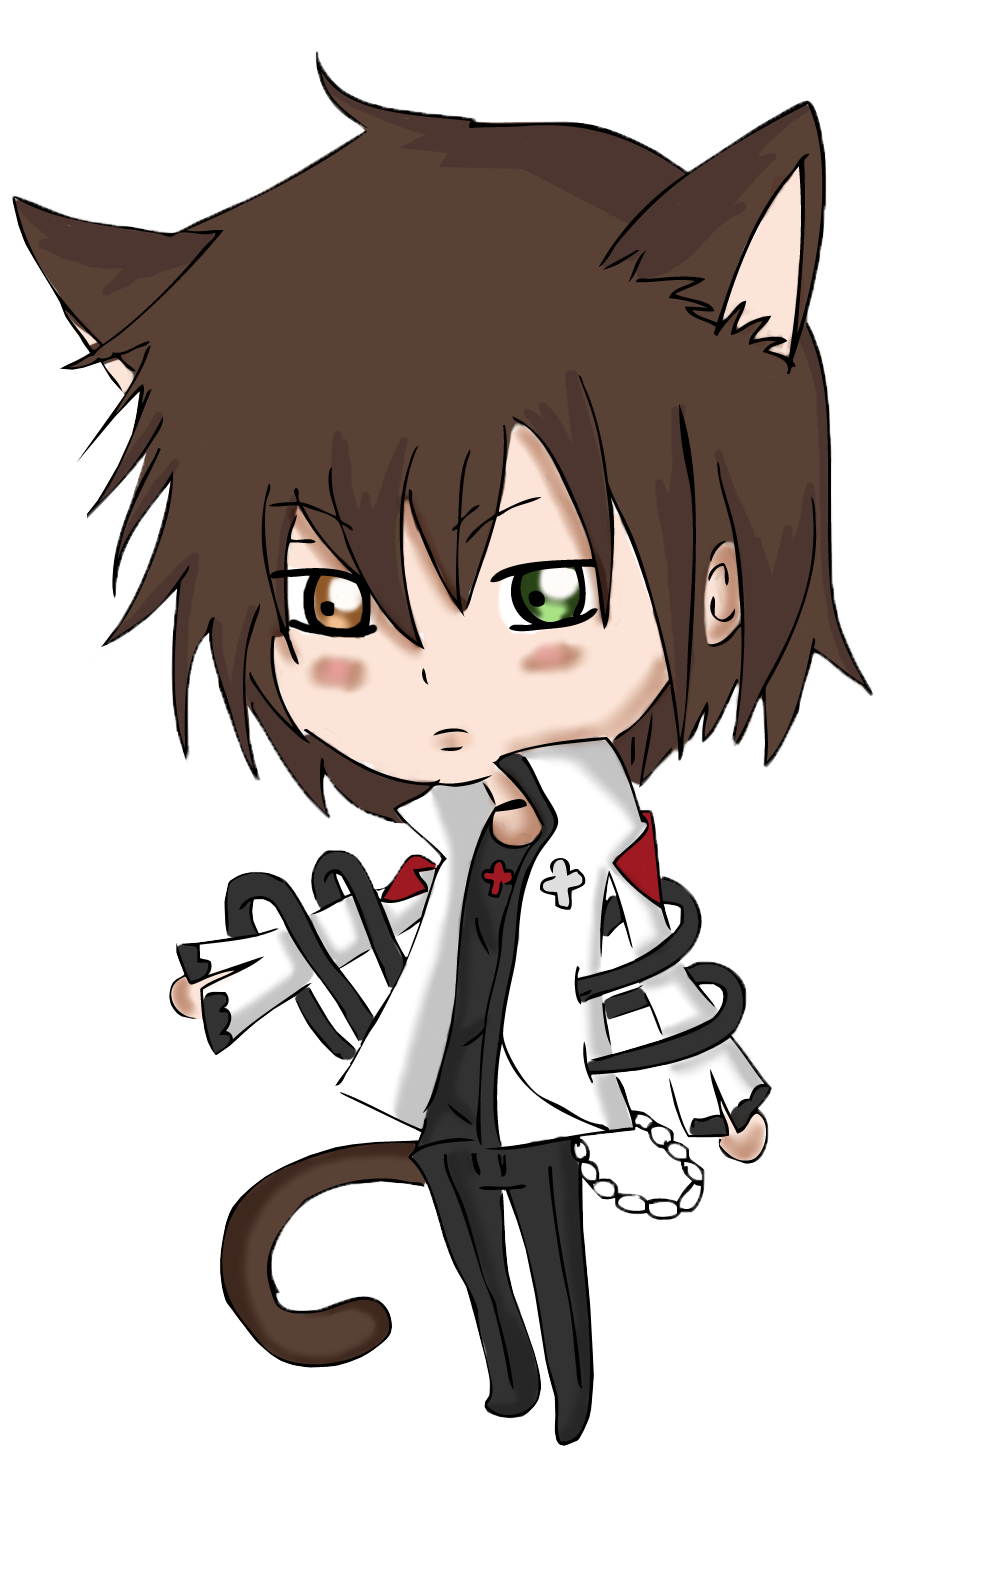 Ảnh anime chibi boy lạnh lùng và cute